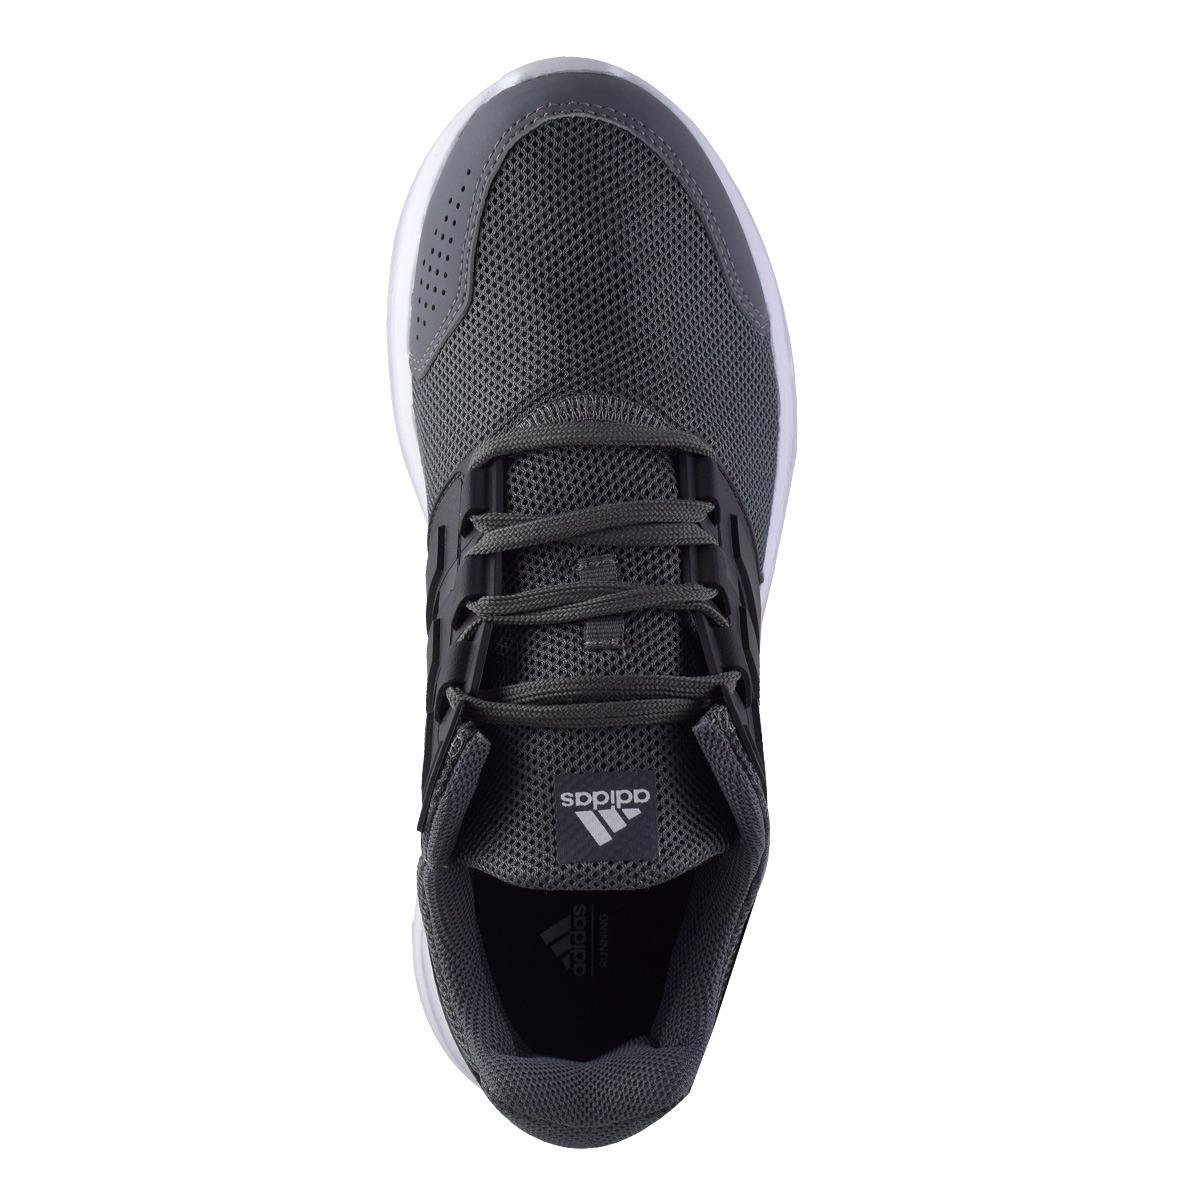 on sale 6c85c 3a47d zapatillas adidas galaxy 4 hombre gris. Cargando zoom.